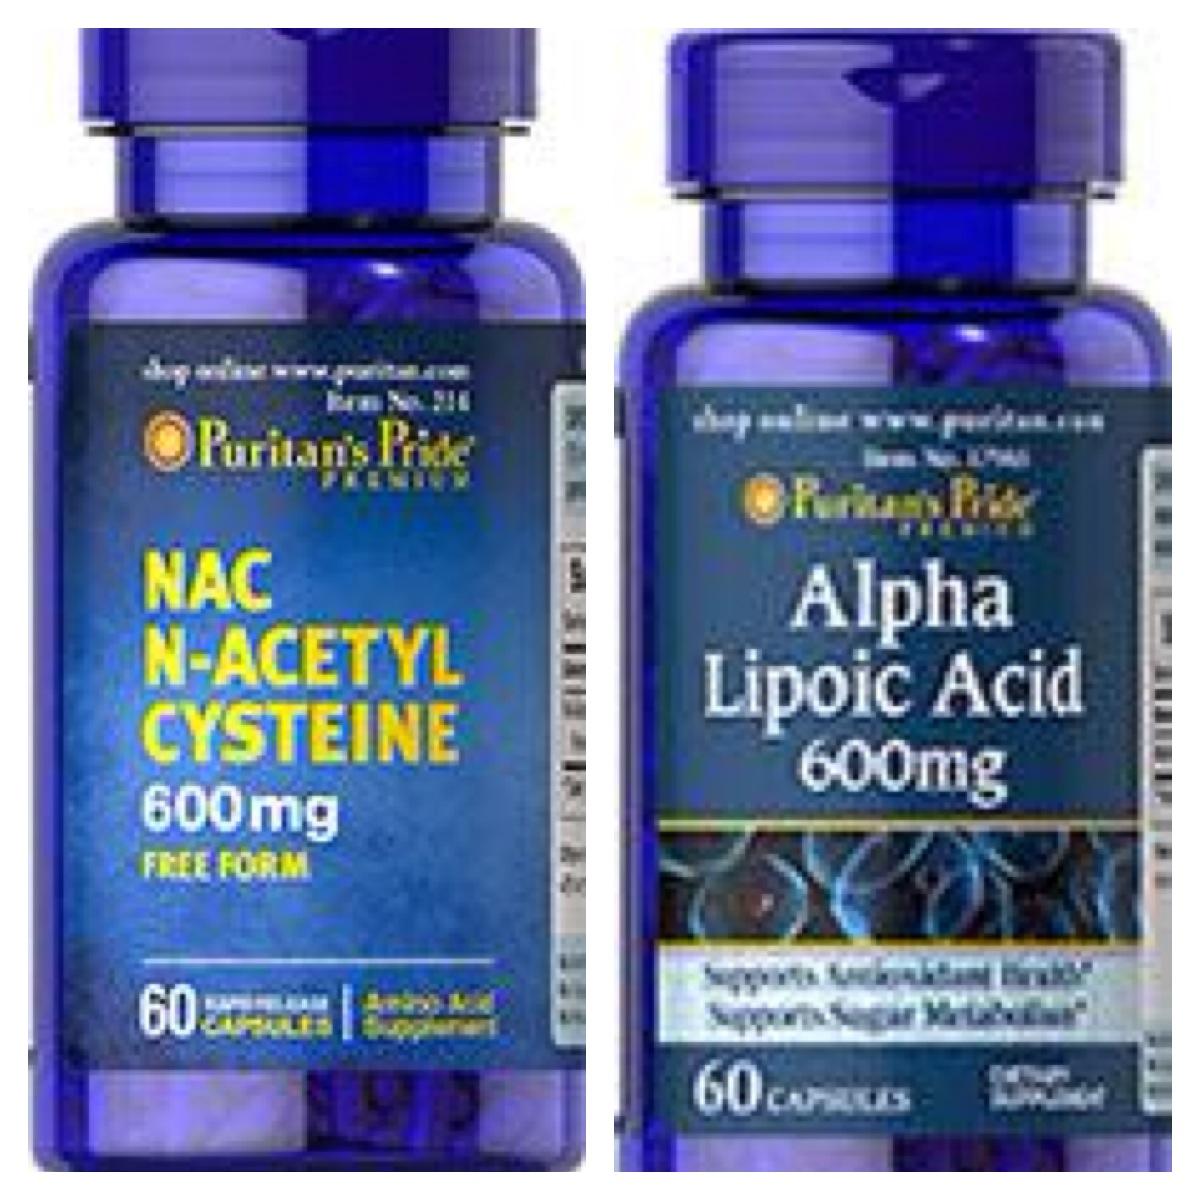 NAC 600 mg + Alpha Lipoic Acid 600 mg